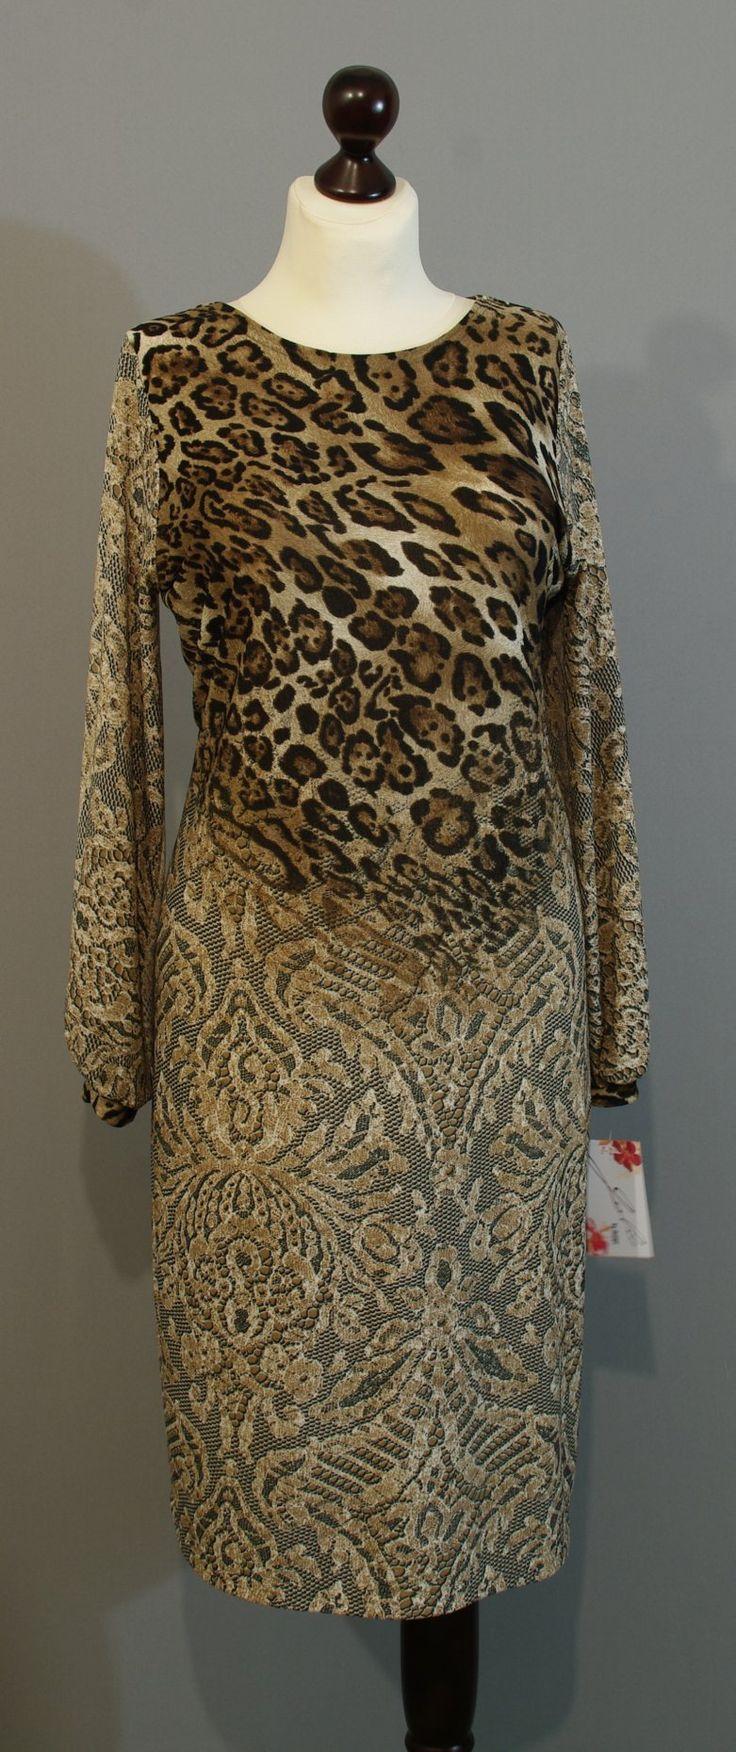 Бежево-коричневое платье с леопардовым принтом от дизайнера Юлии, Платье-терапия Киев lucky-gift (259)